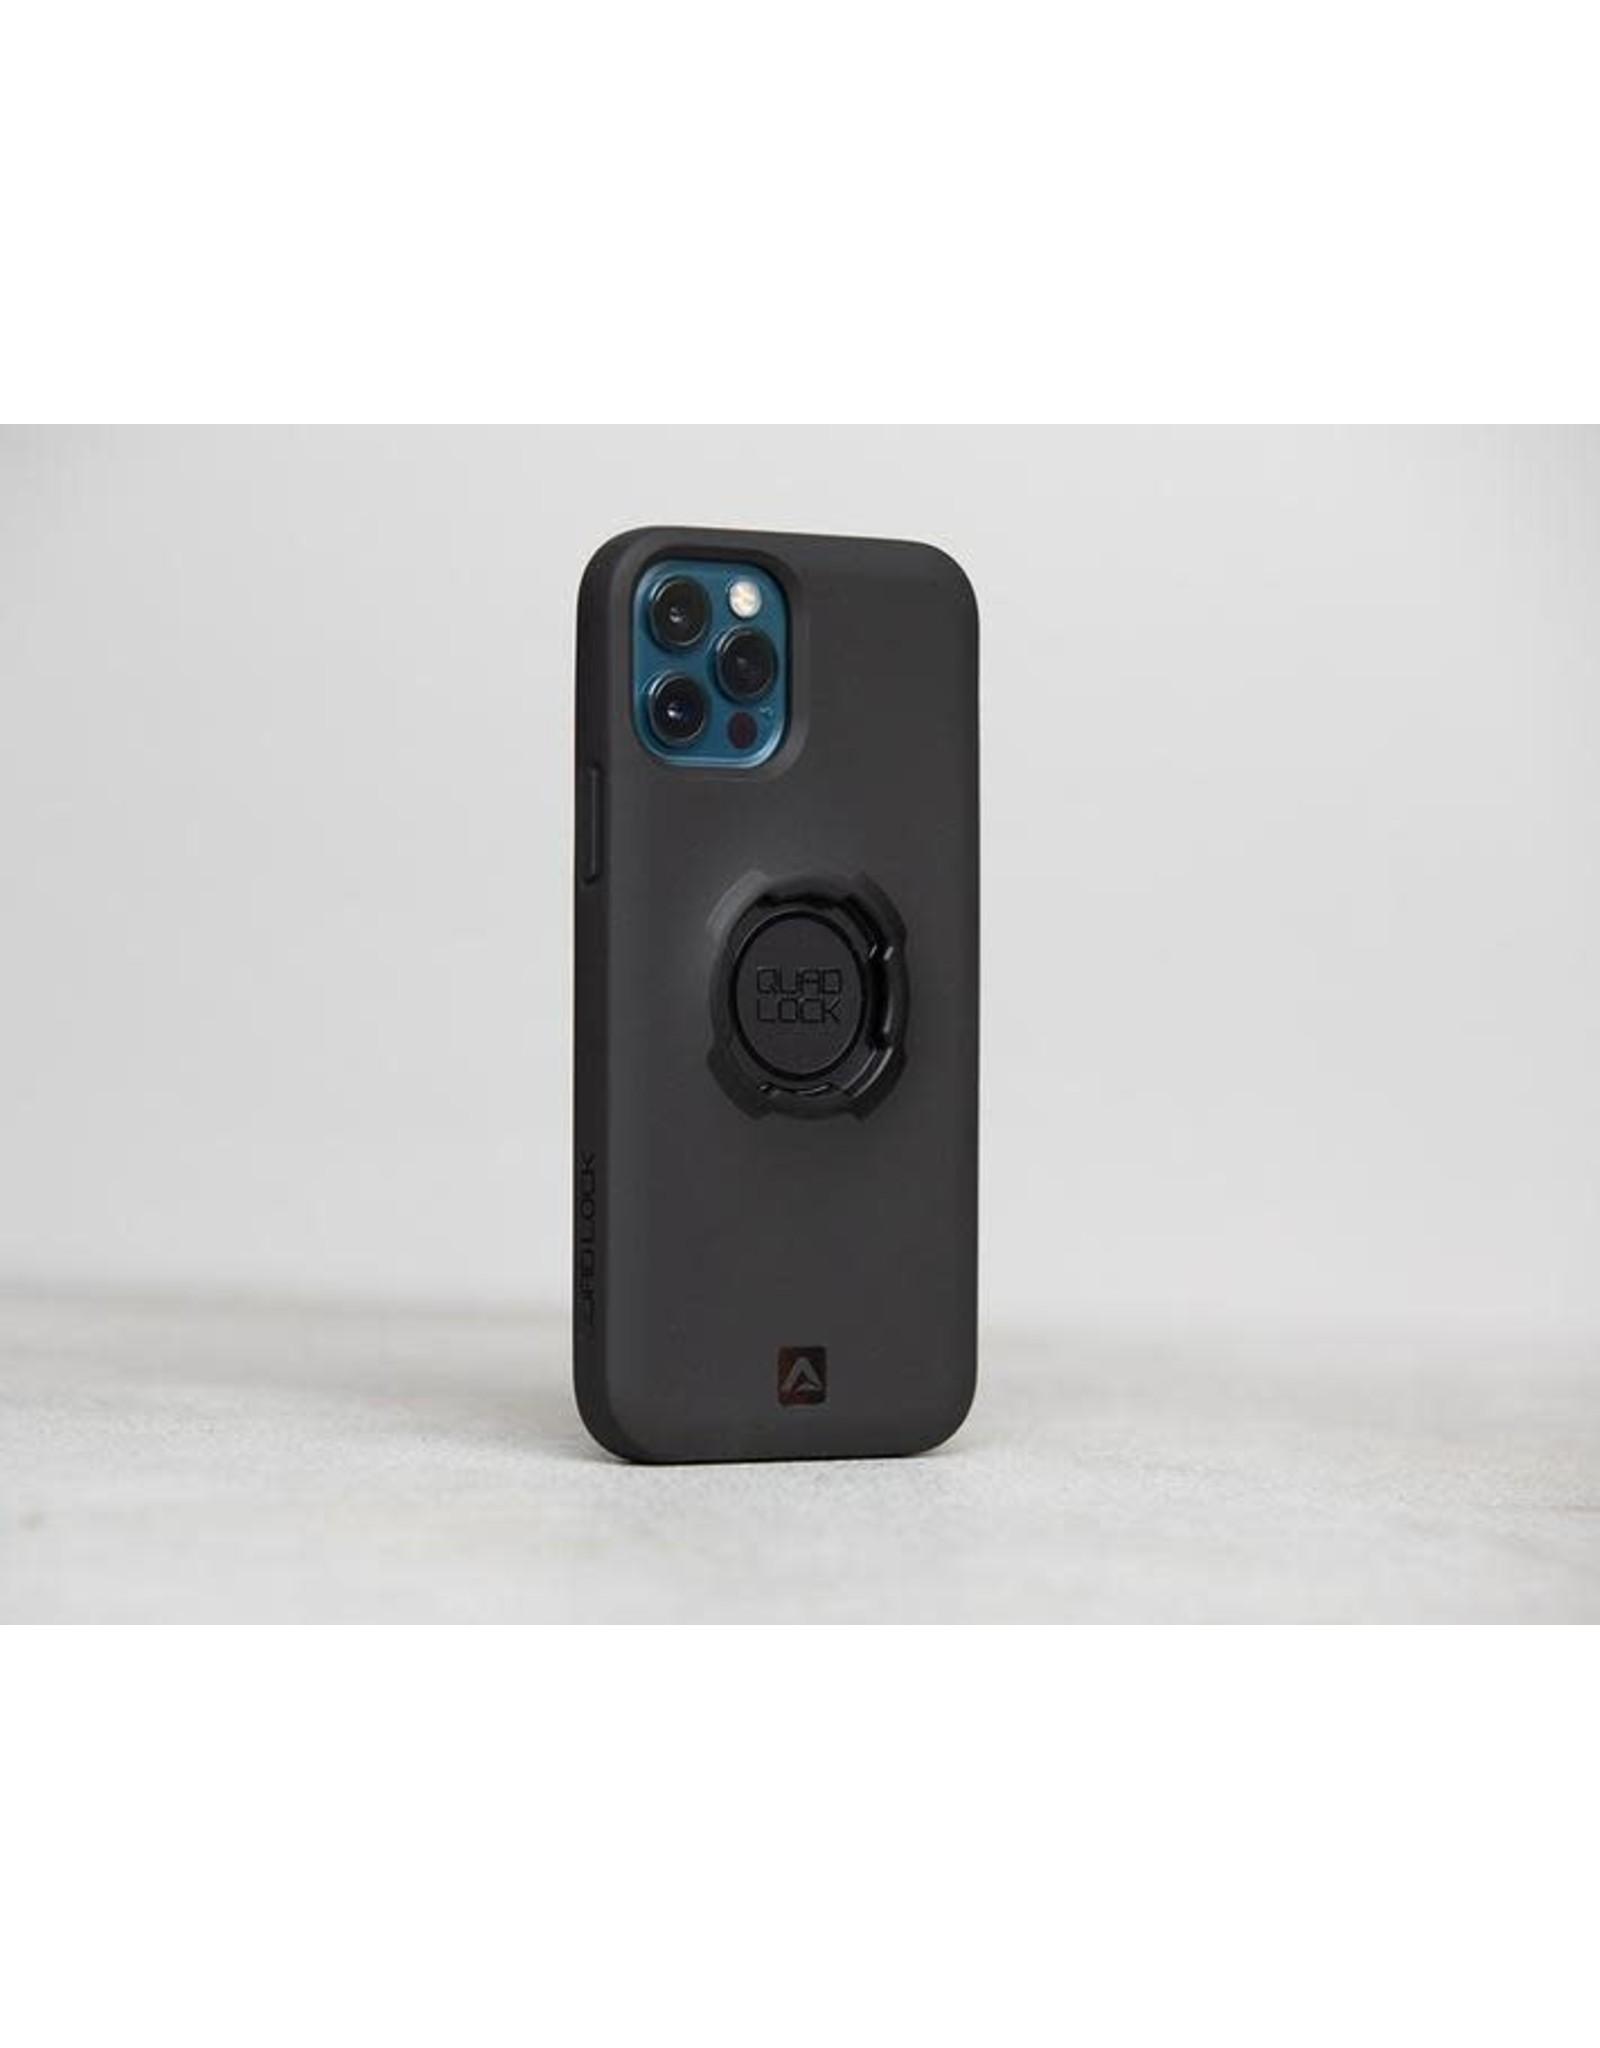 Quad Lock iPhone X/Xs Phone Mount Case